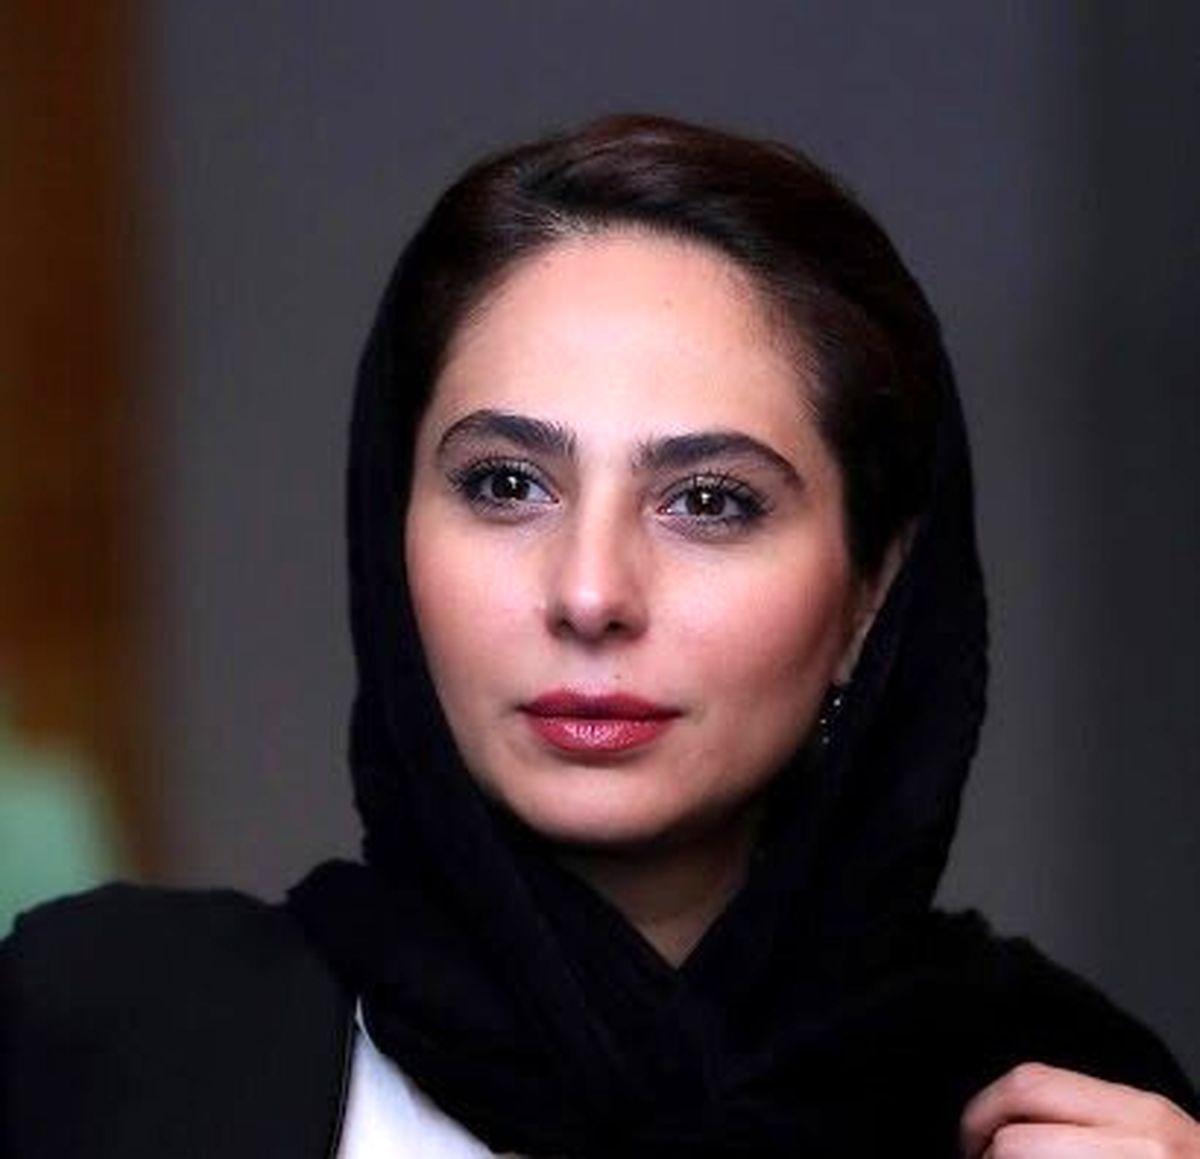 عشوه های ناجور همسر دوم مهدی پاکدل شبکه های اجتماعی را منفجر کرد + فیلم